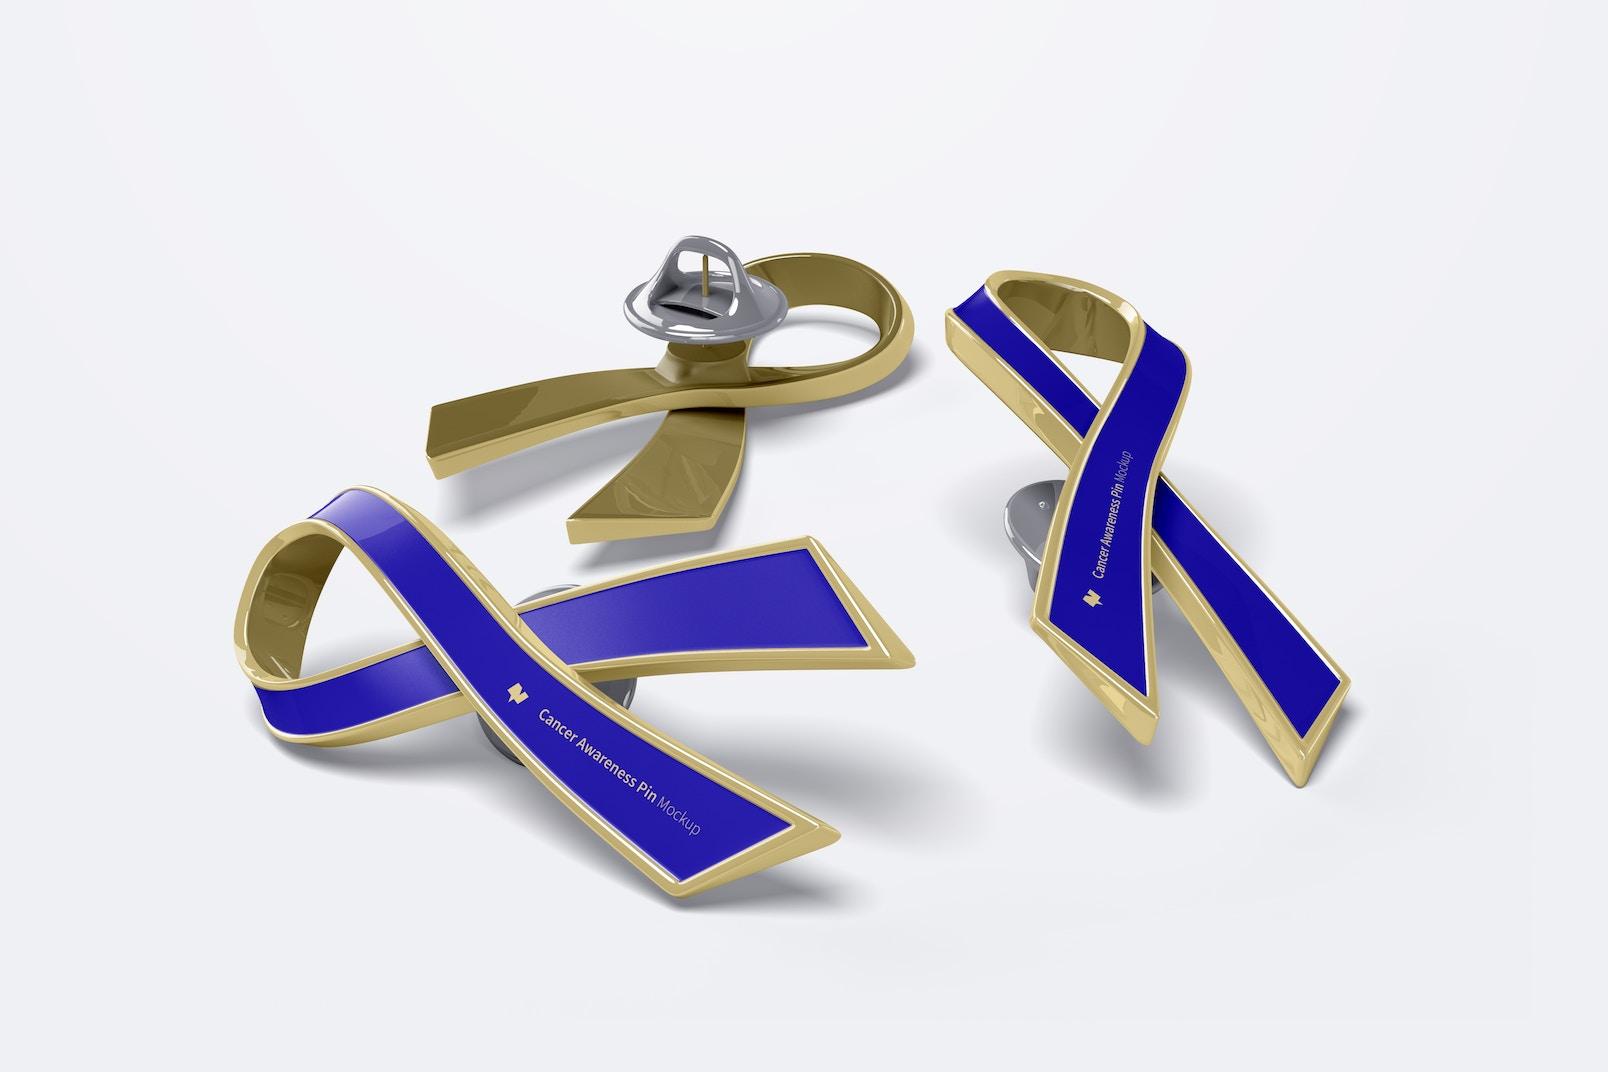 Cancer Awareness Pin Set Mockup